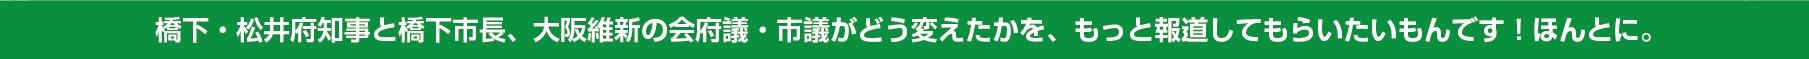 スクリーンショット 2014-09-29 13.47.55